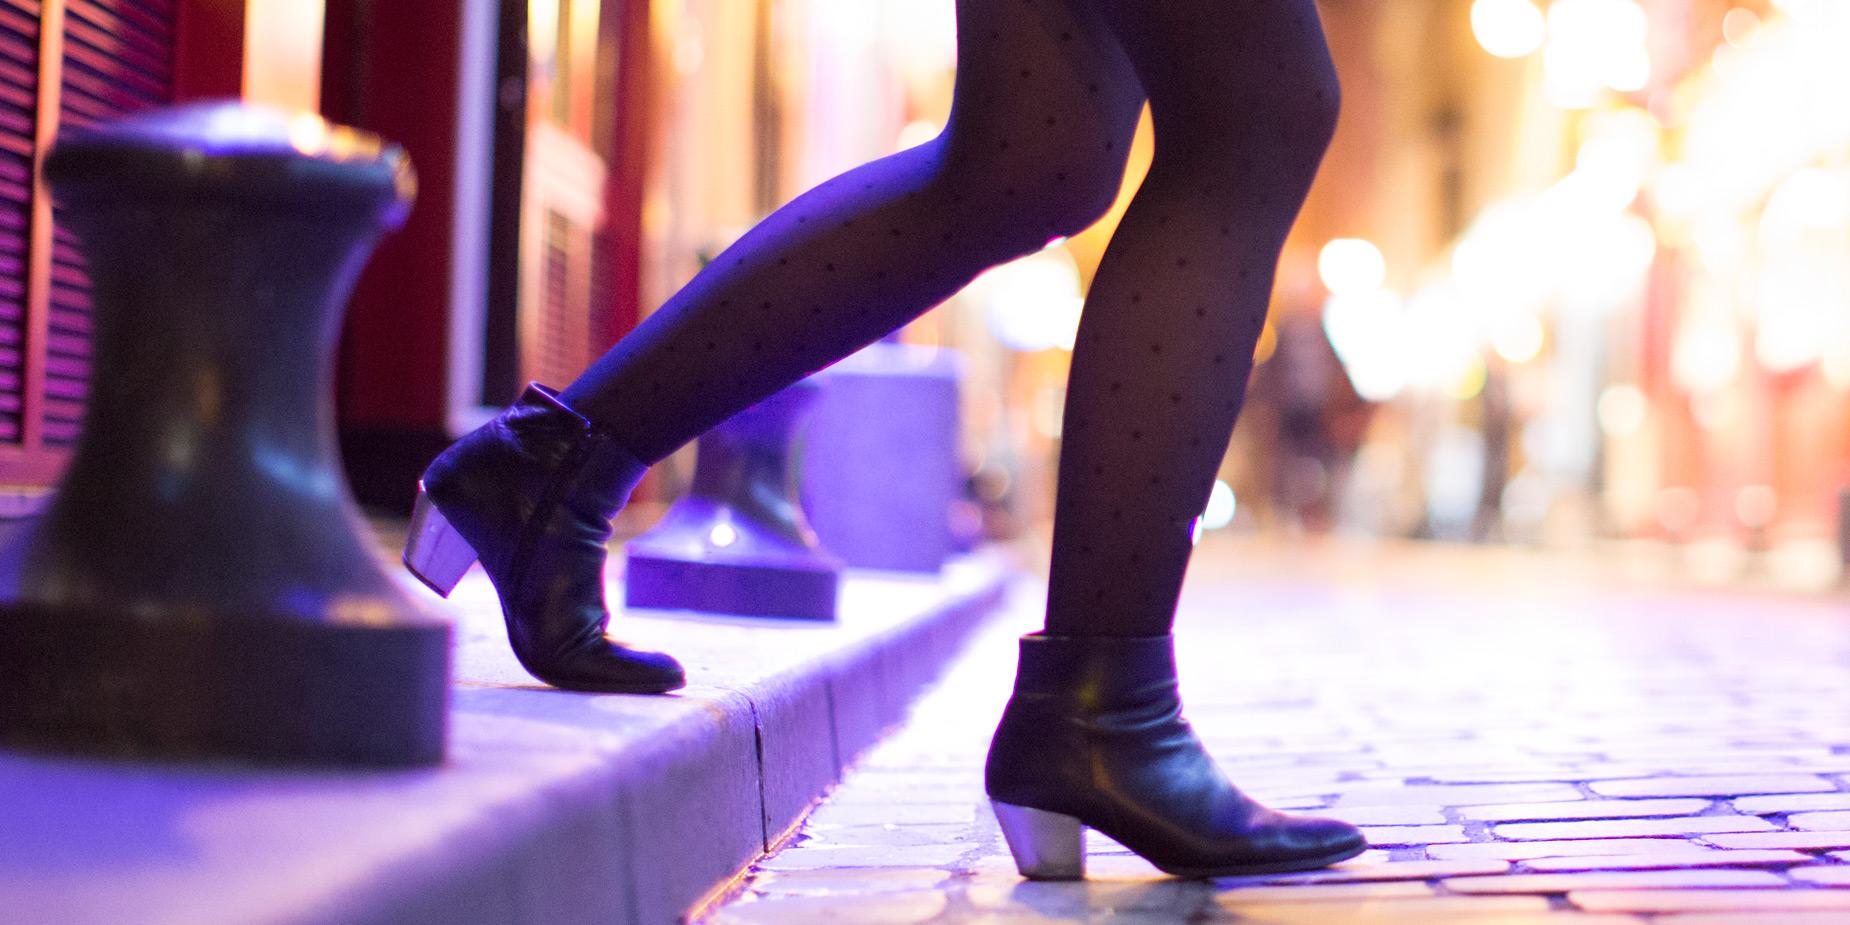 Walleriana by Juliette - Piétinements et jambes lourdes